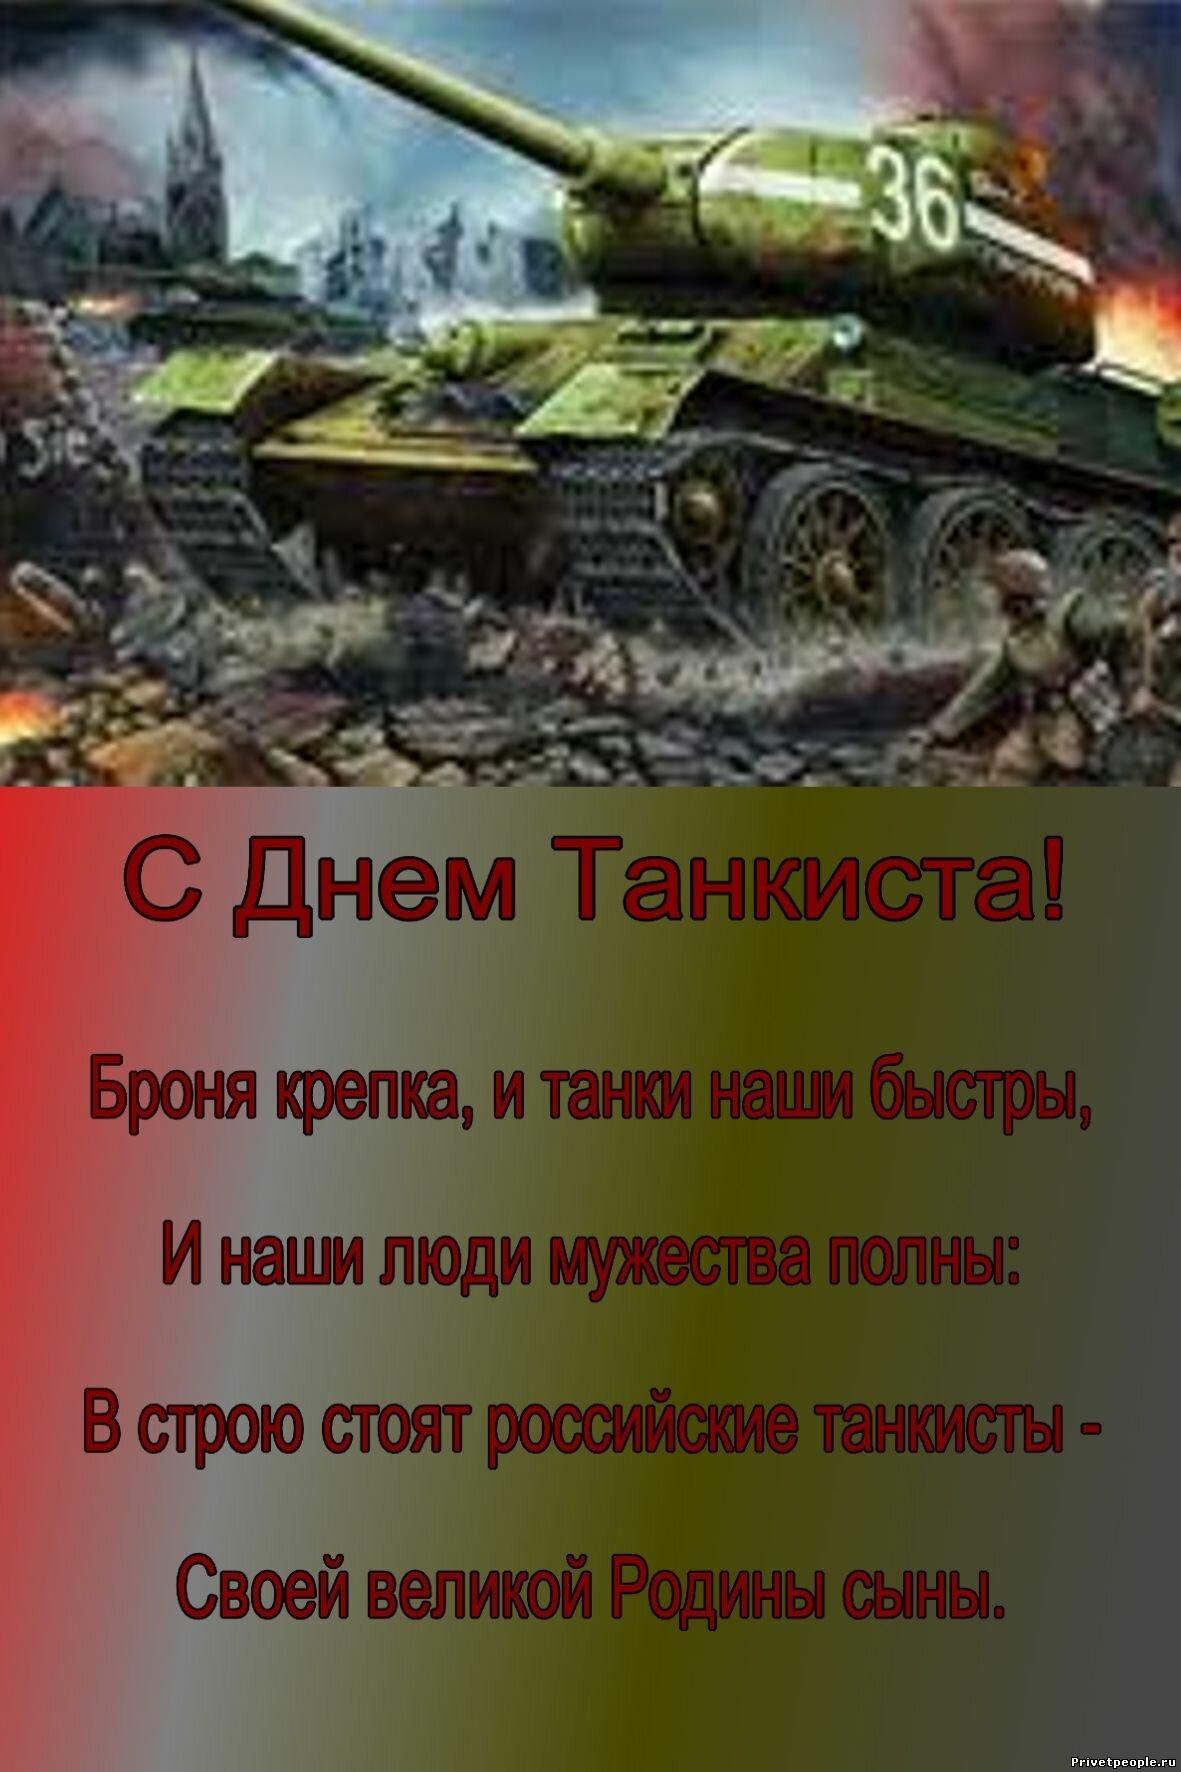 Окулиста открытки, картинка с поздравлением танкиста